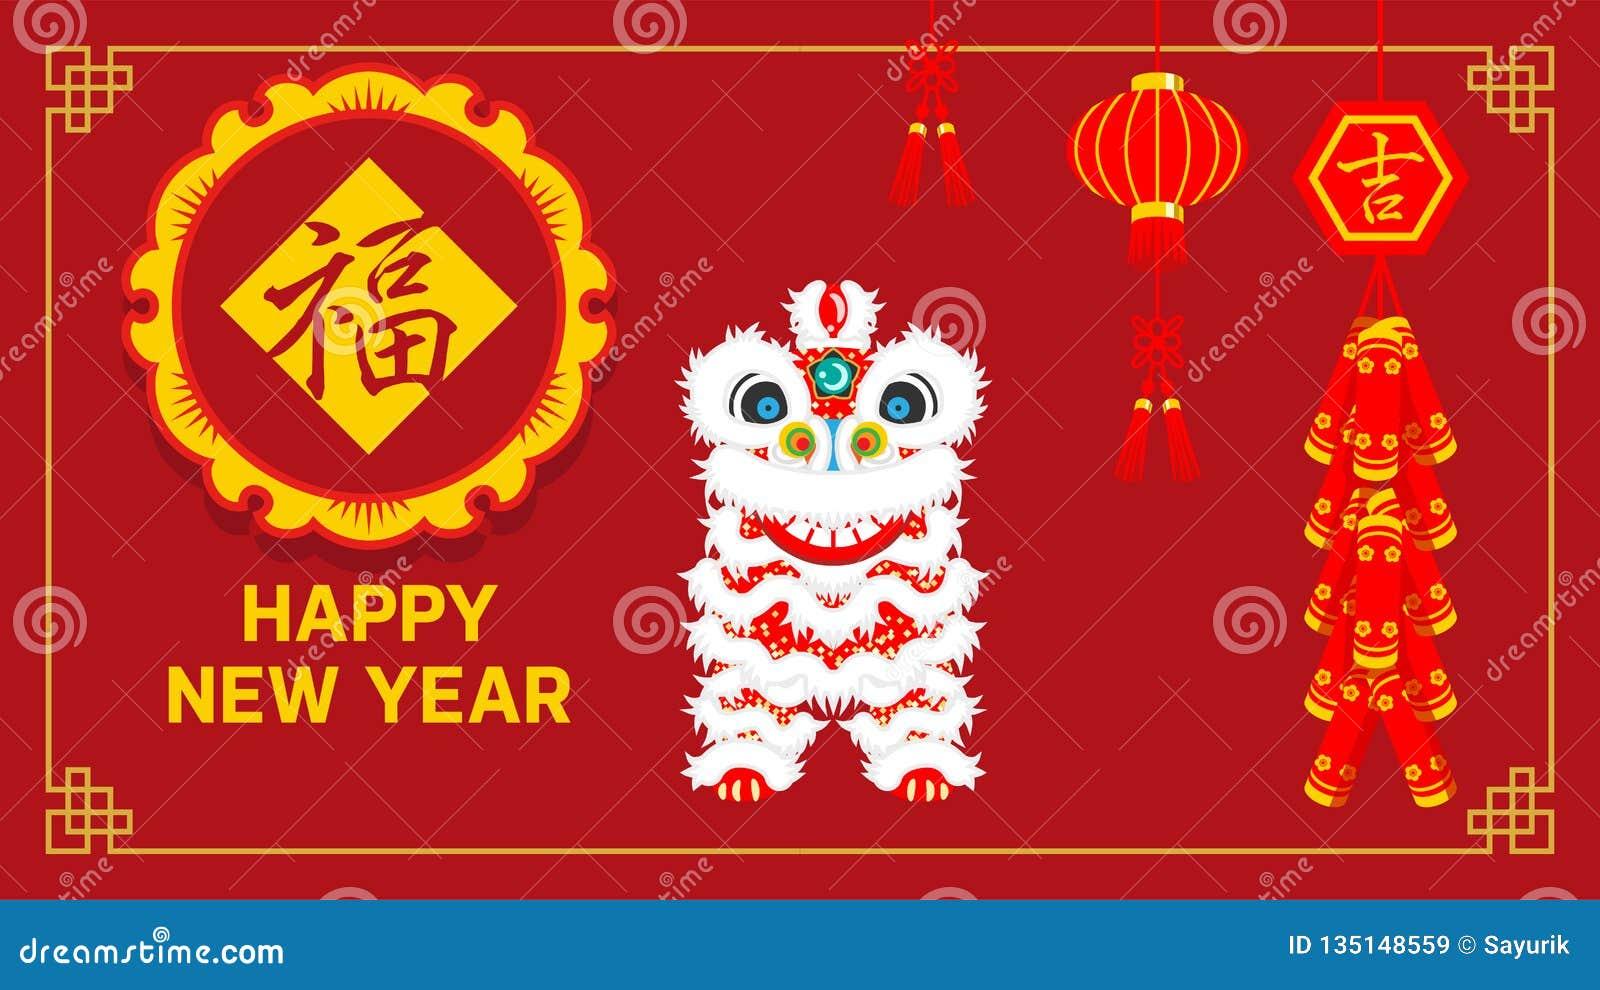 春节舞狮贺卡设计